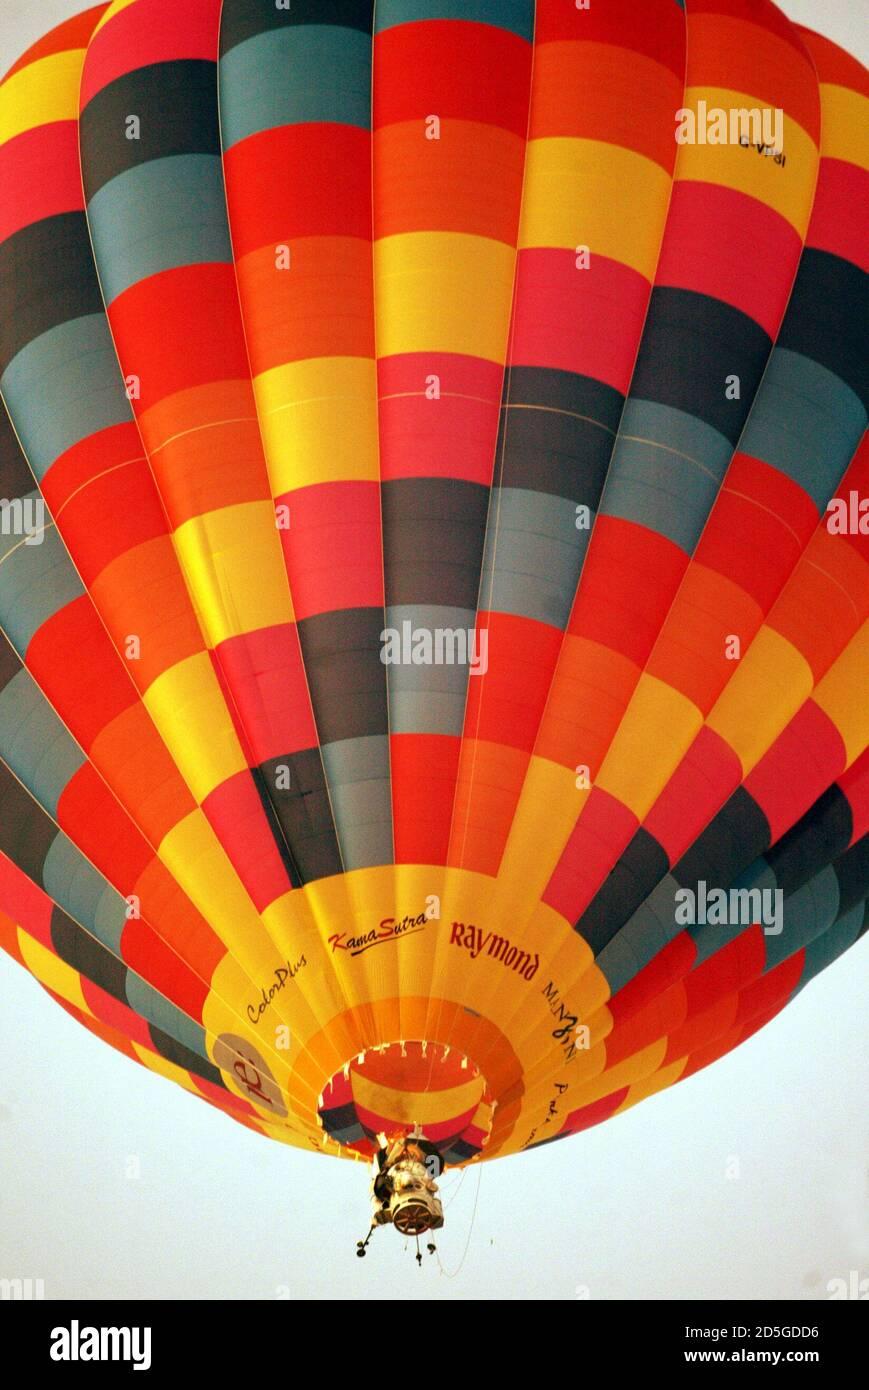 """Industrieller Vijaypat Singhania Heißluftballon startet in Mumbai 26. November 2005. Singhania zog in seinem Heißluft-Ballon-Kapsel in einer Bemühung, erreichen eine Höhe von 70.000 Fuß (über 21.336 Meter) über dem Meeresspiegel am Samstag, Teil eines Versuchs zu brechen den bestehenden Weltrekord für """"Höhe im Heißluftballon."""" Der aktuelle Datensatz wird von pro Lindstrand gehalten, die eine Höhe von 64.997 Metern 19.811 in Plano, Texas, am 6. Juni 1988 erreicht. REUTERS/Punit Paranjpe Stockfoto"""